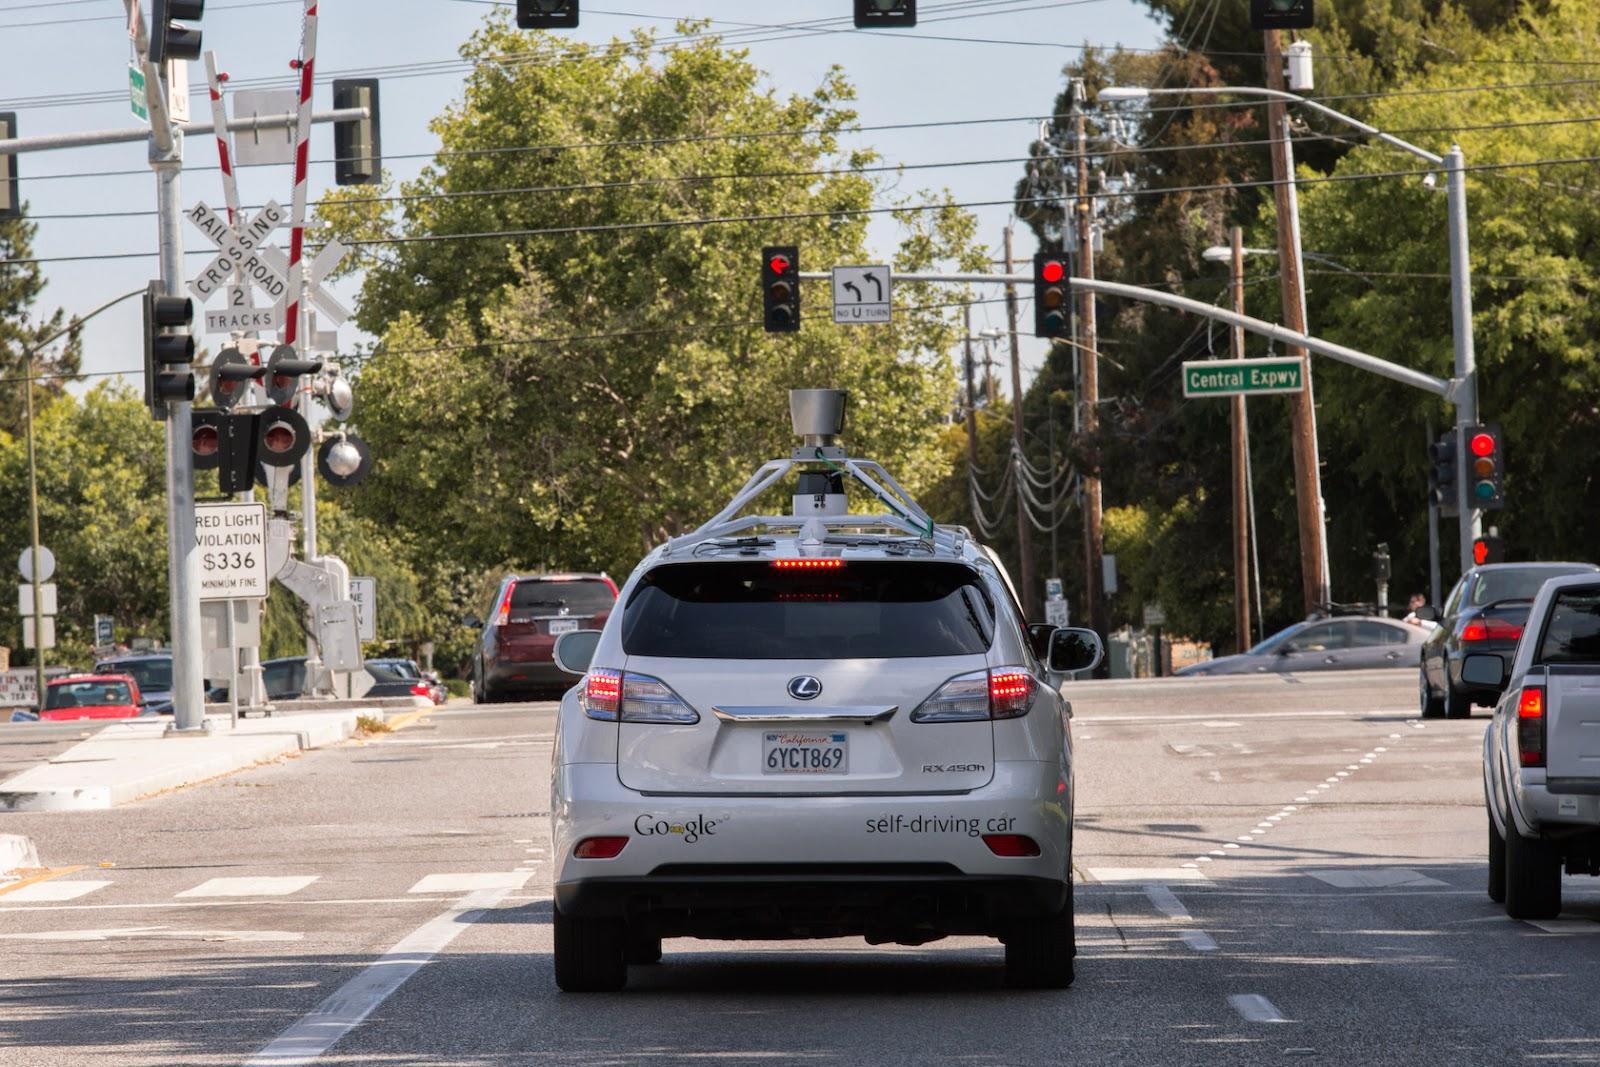 Carro sem condutor do Google